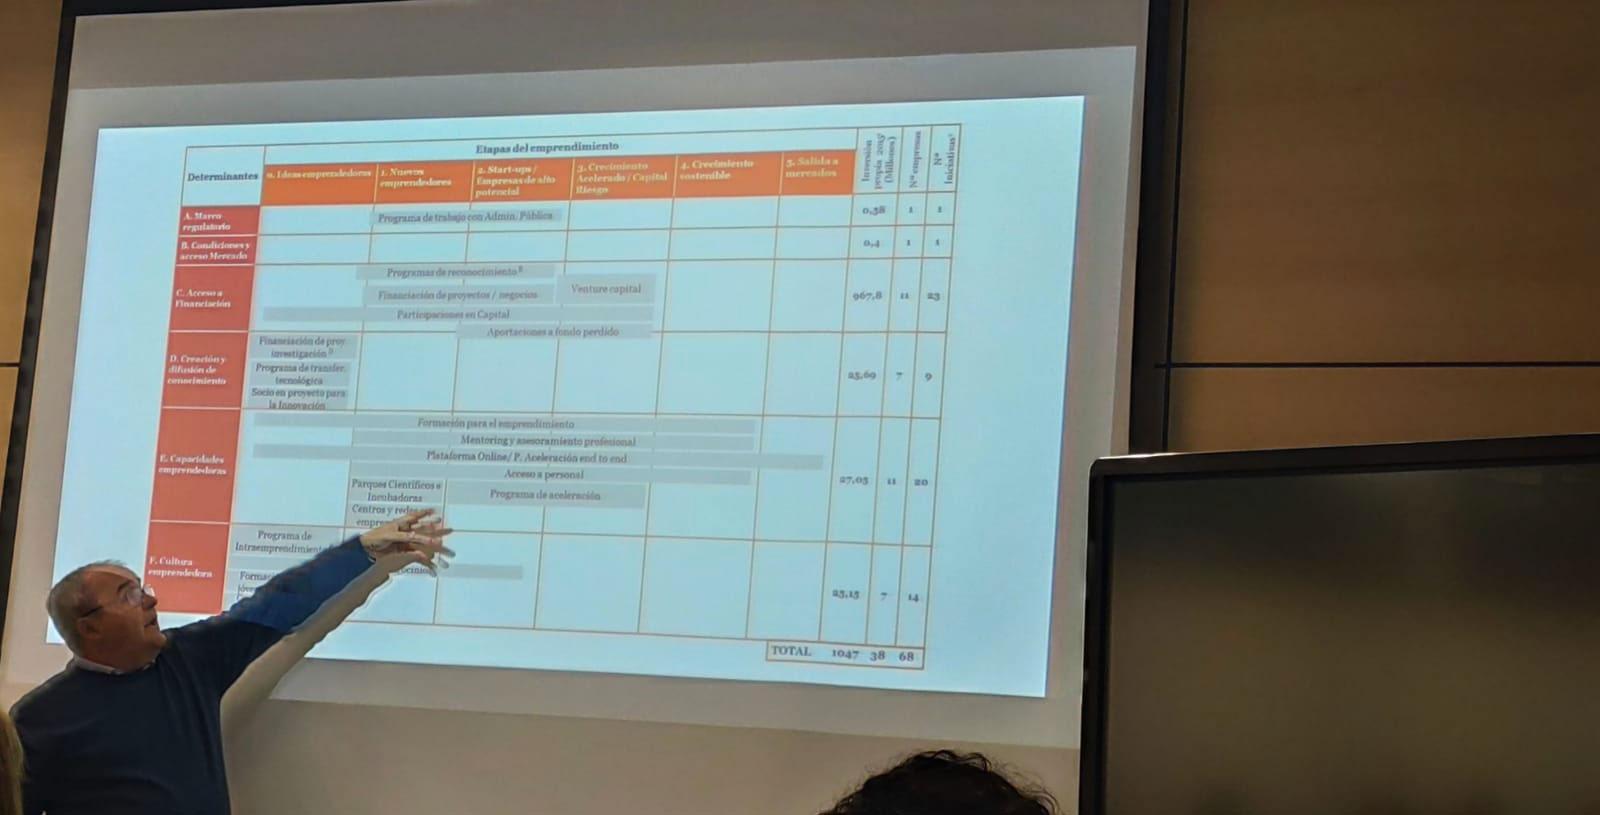 Durante el evento se analizó la situación actual de la actividad emprendedora en la provincia de Cádiz, y se presentó el mapa de recursos de apoyo a dicha actividad.